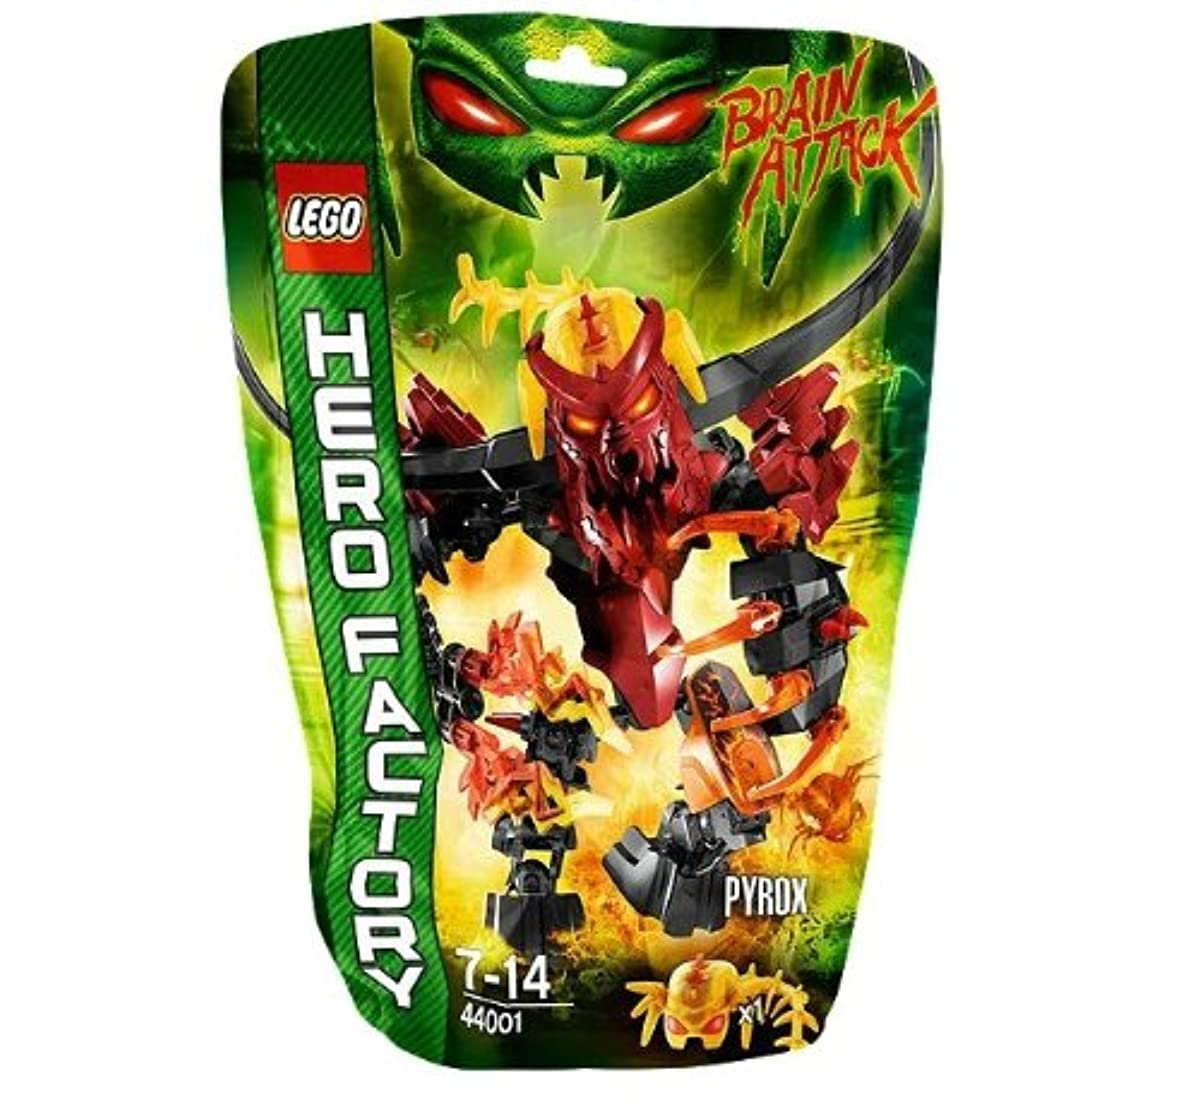 [해외] LEGO 히어로 팩토리 PYROX 44001-44001